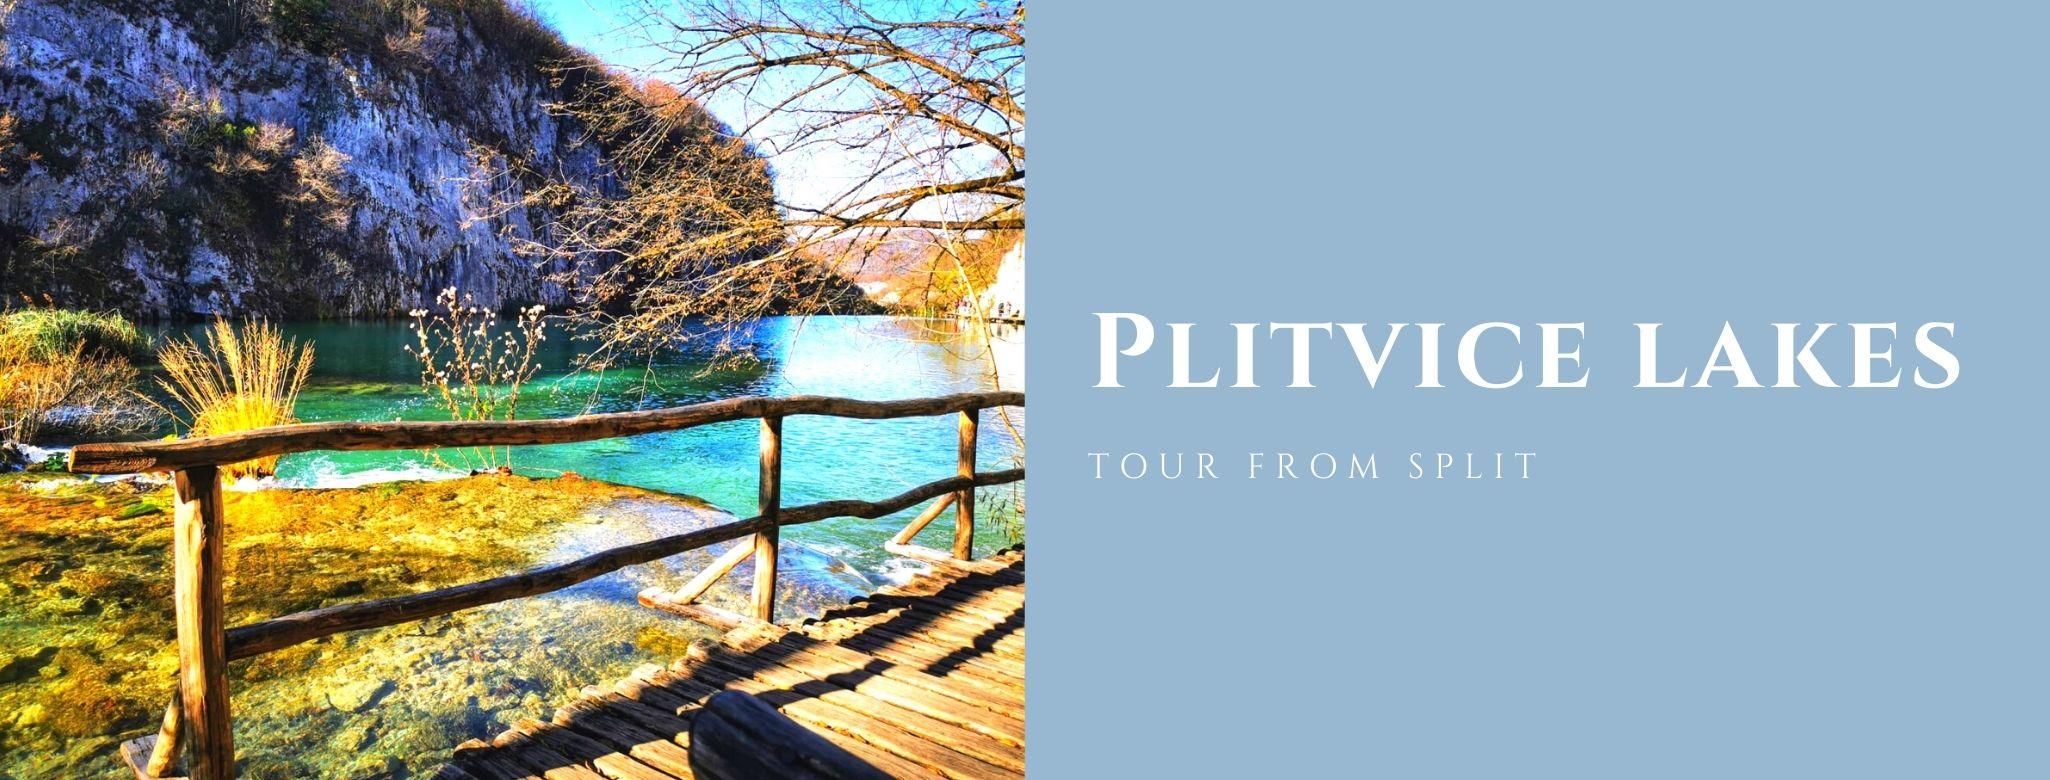 Plitvice lakes (1)